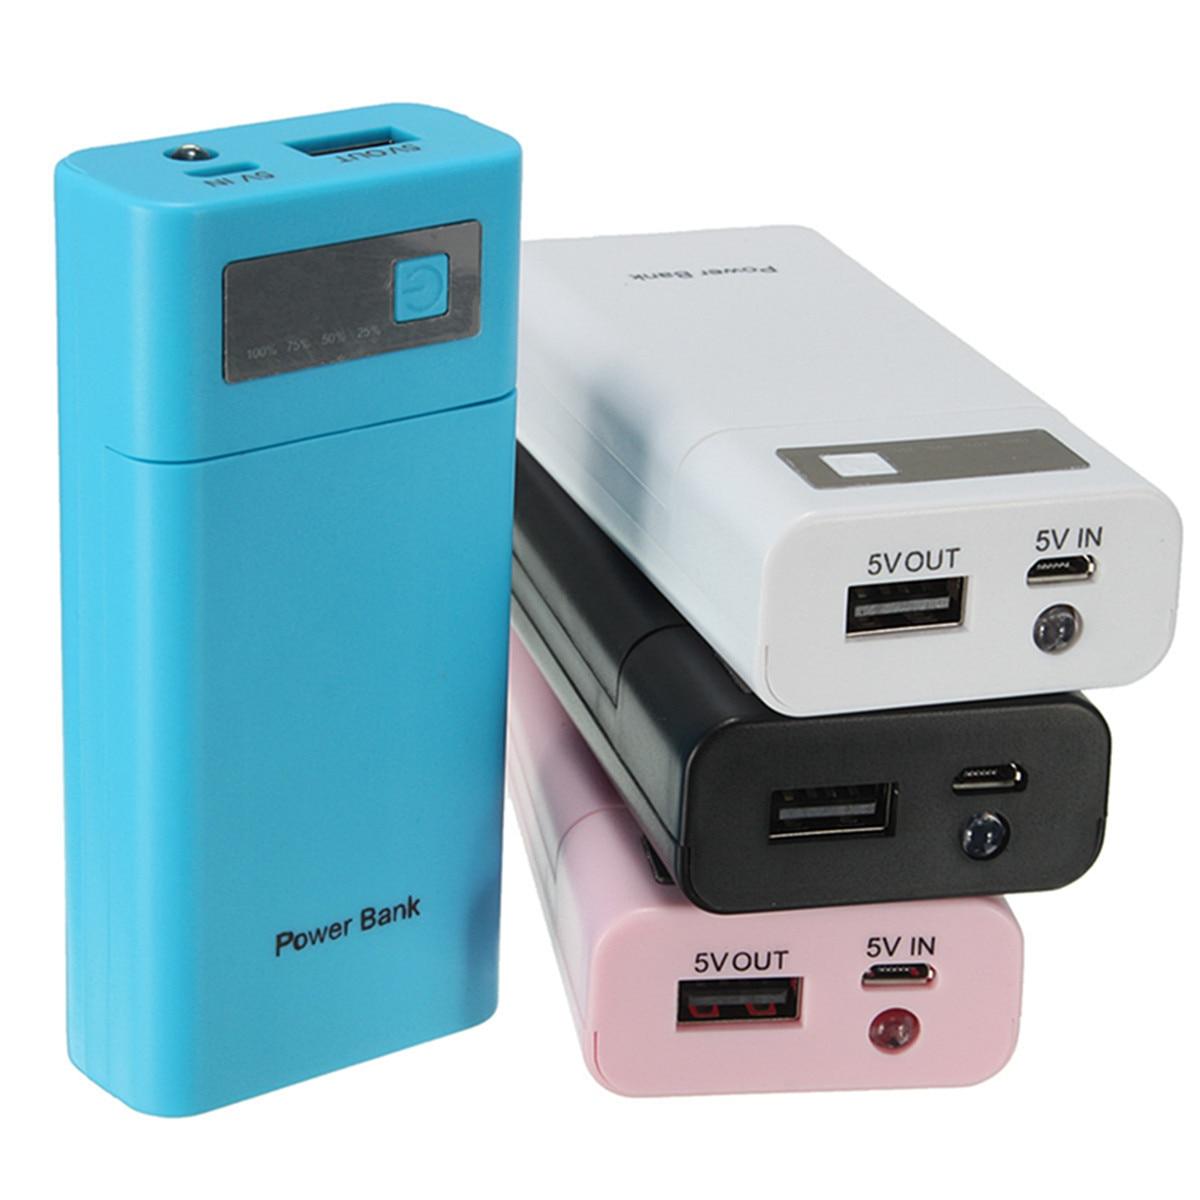 Seguridad Universal 5 V 1A USB DIY Banco de la Energía 2X18650 de La Batería car